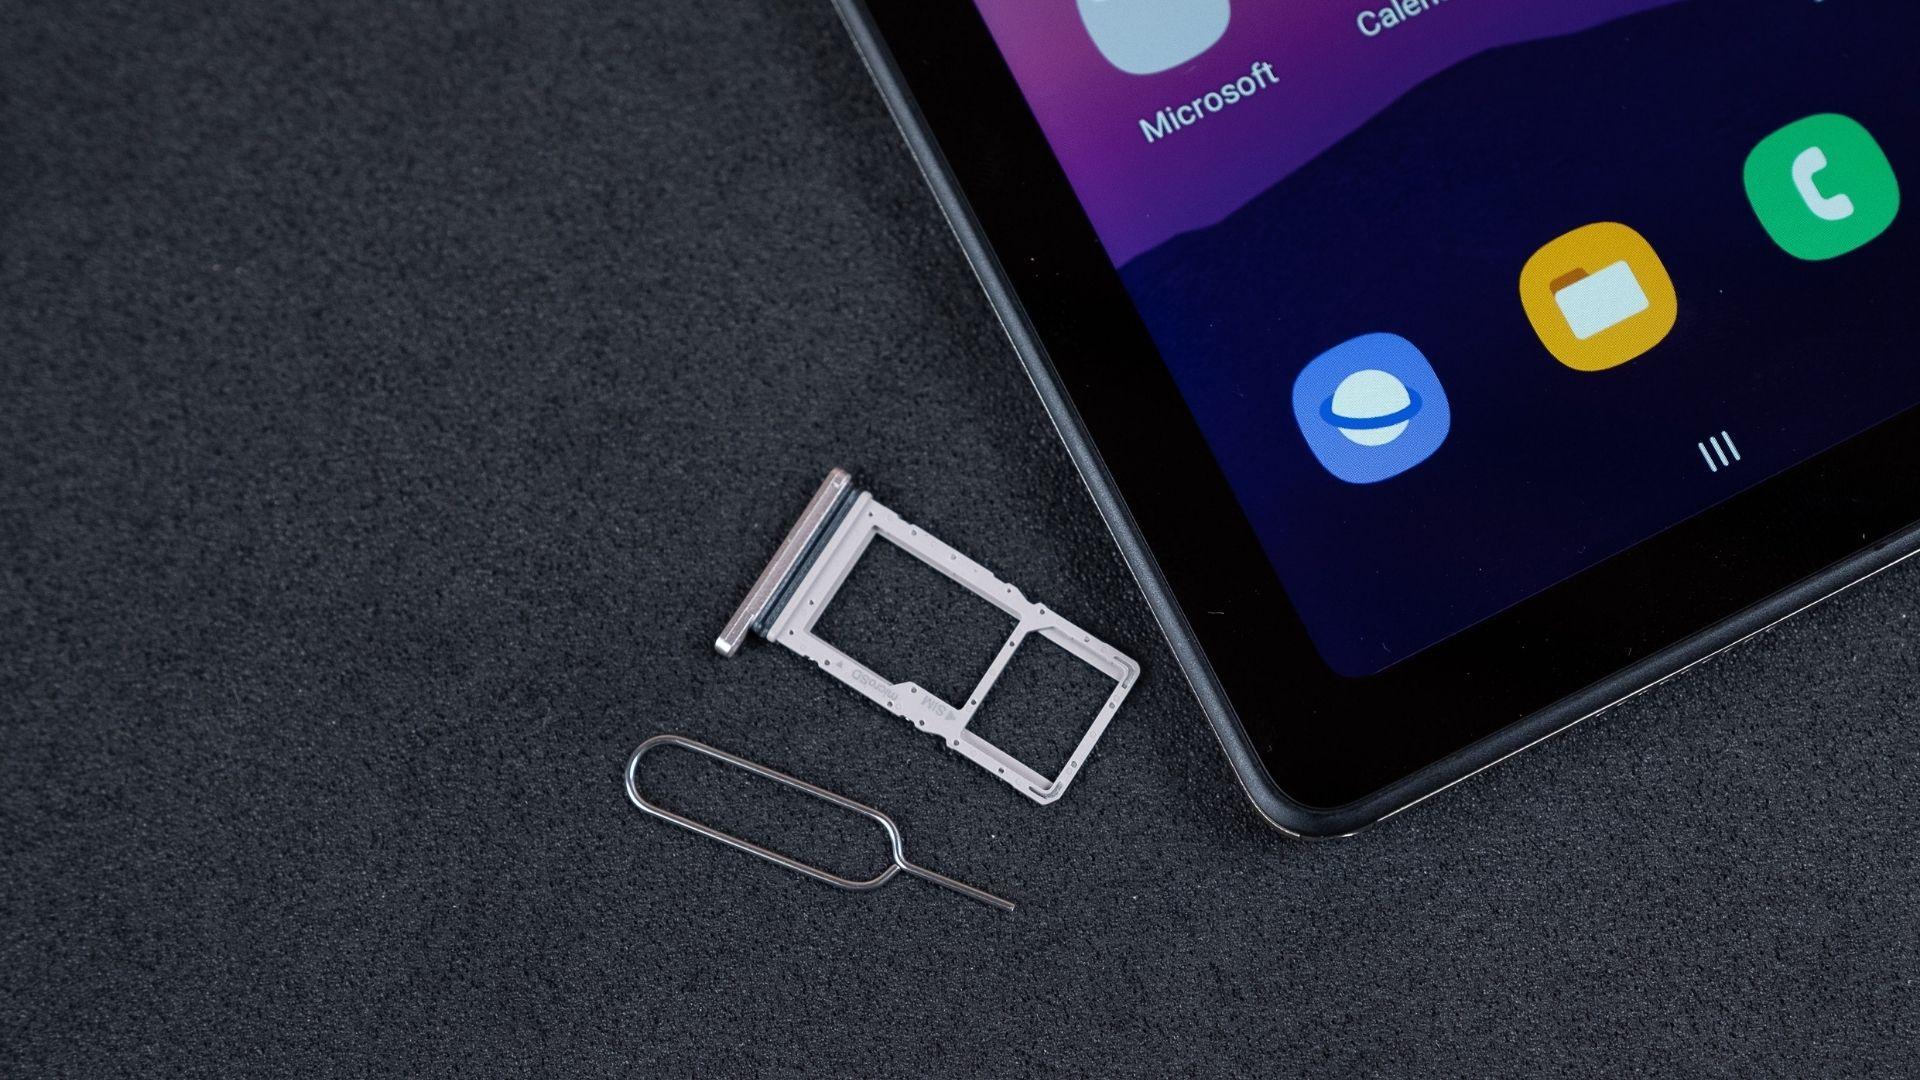 Parte do Galaxy Tab A7 em um fundo cinza com a gaveta do chip e a chave para abrir o compartimento